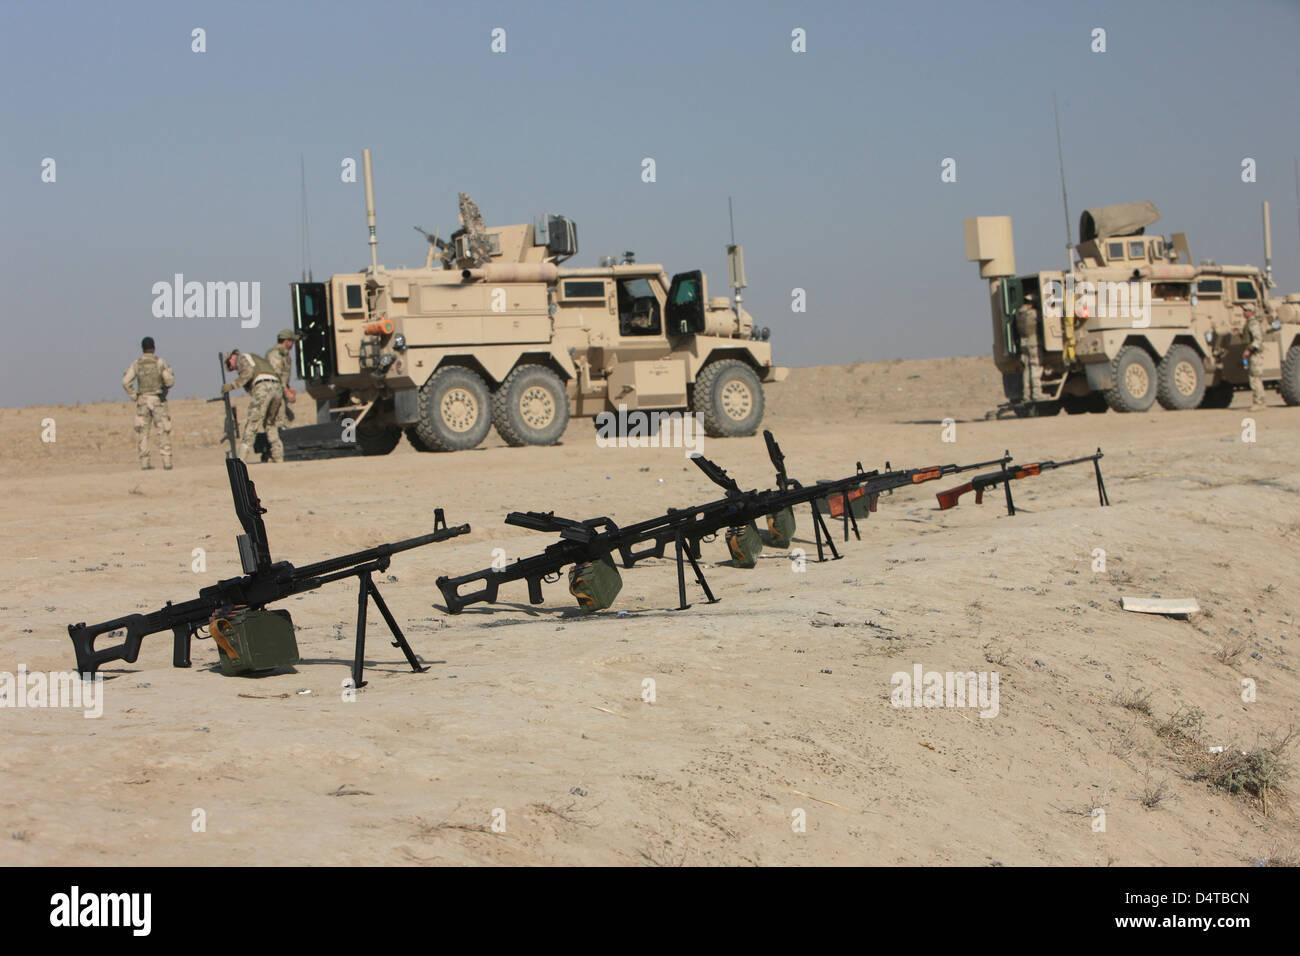 PK 7,62 mm general-purpose mitragliatrici e RPK Kalashnikov sit pronto su un poligono di tiro a Kunduz, Afghanistan. Immagini Stock